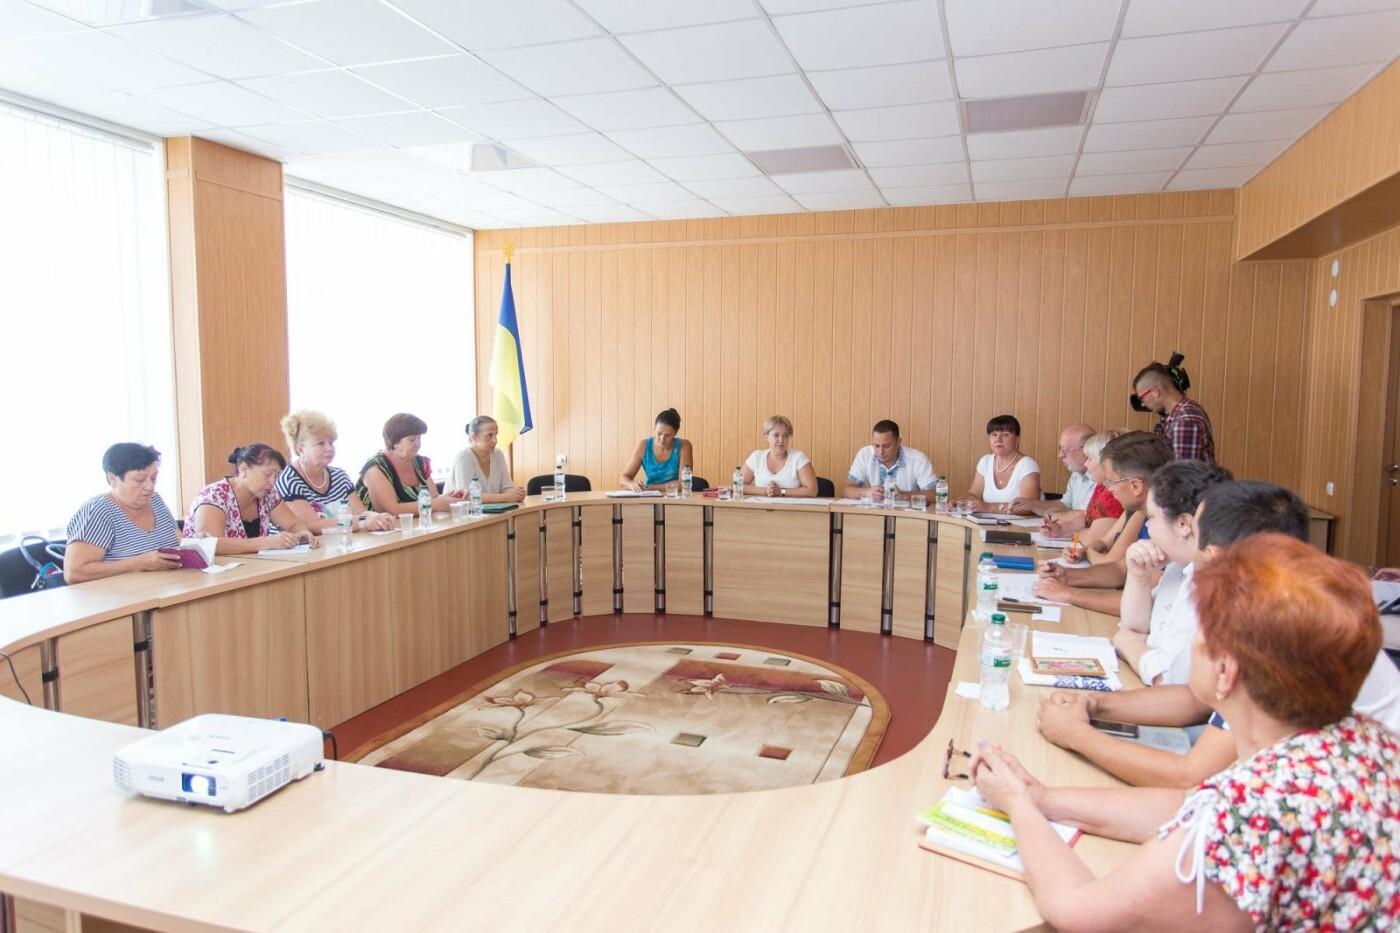 Итоги работы и планы: в Каменском заседали главы органов самоорганизации населения Днепровского района, фото-3